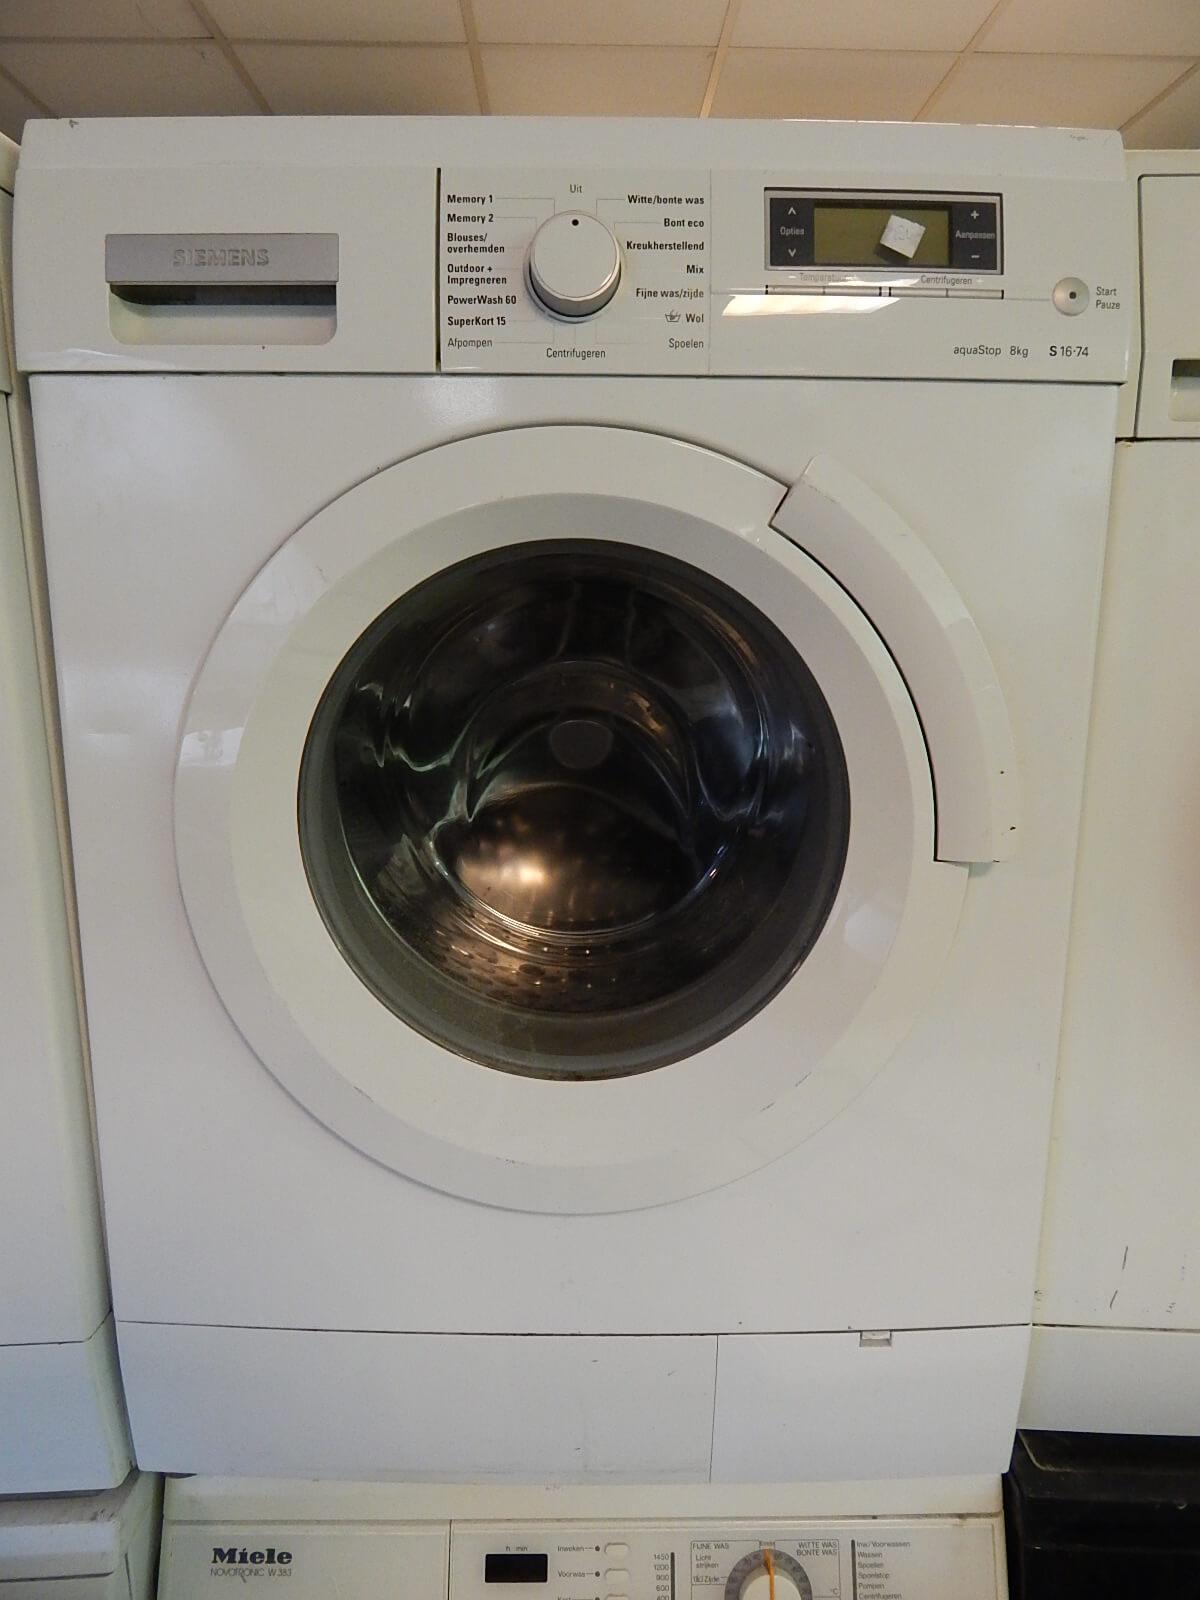 goedkope wasmachine siemens s 1674 8 kg vulgewicht